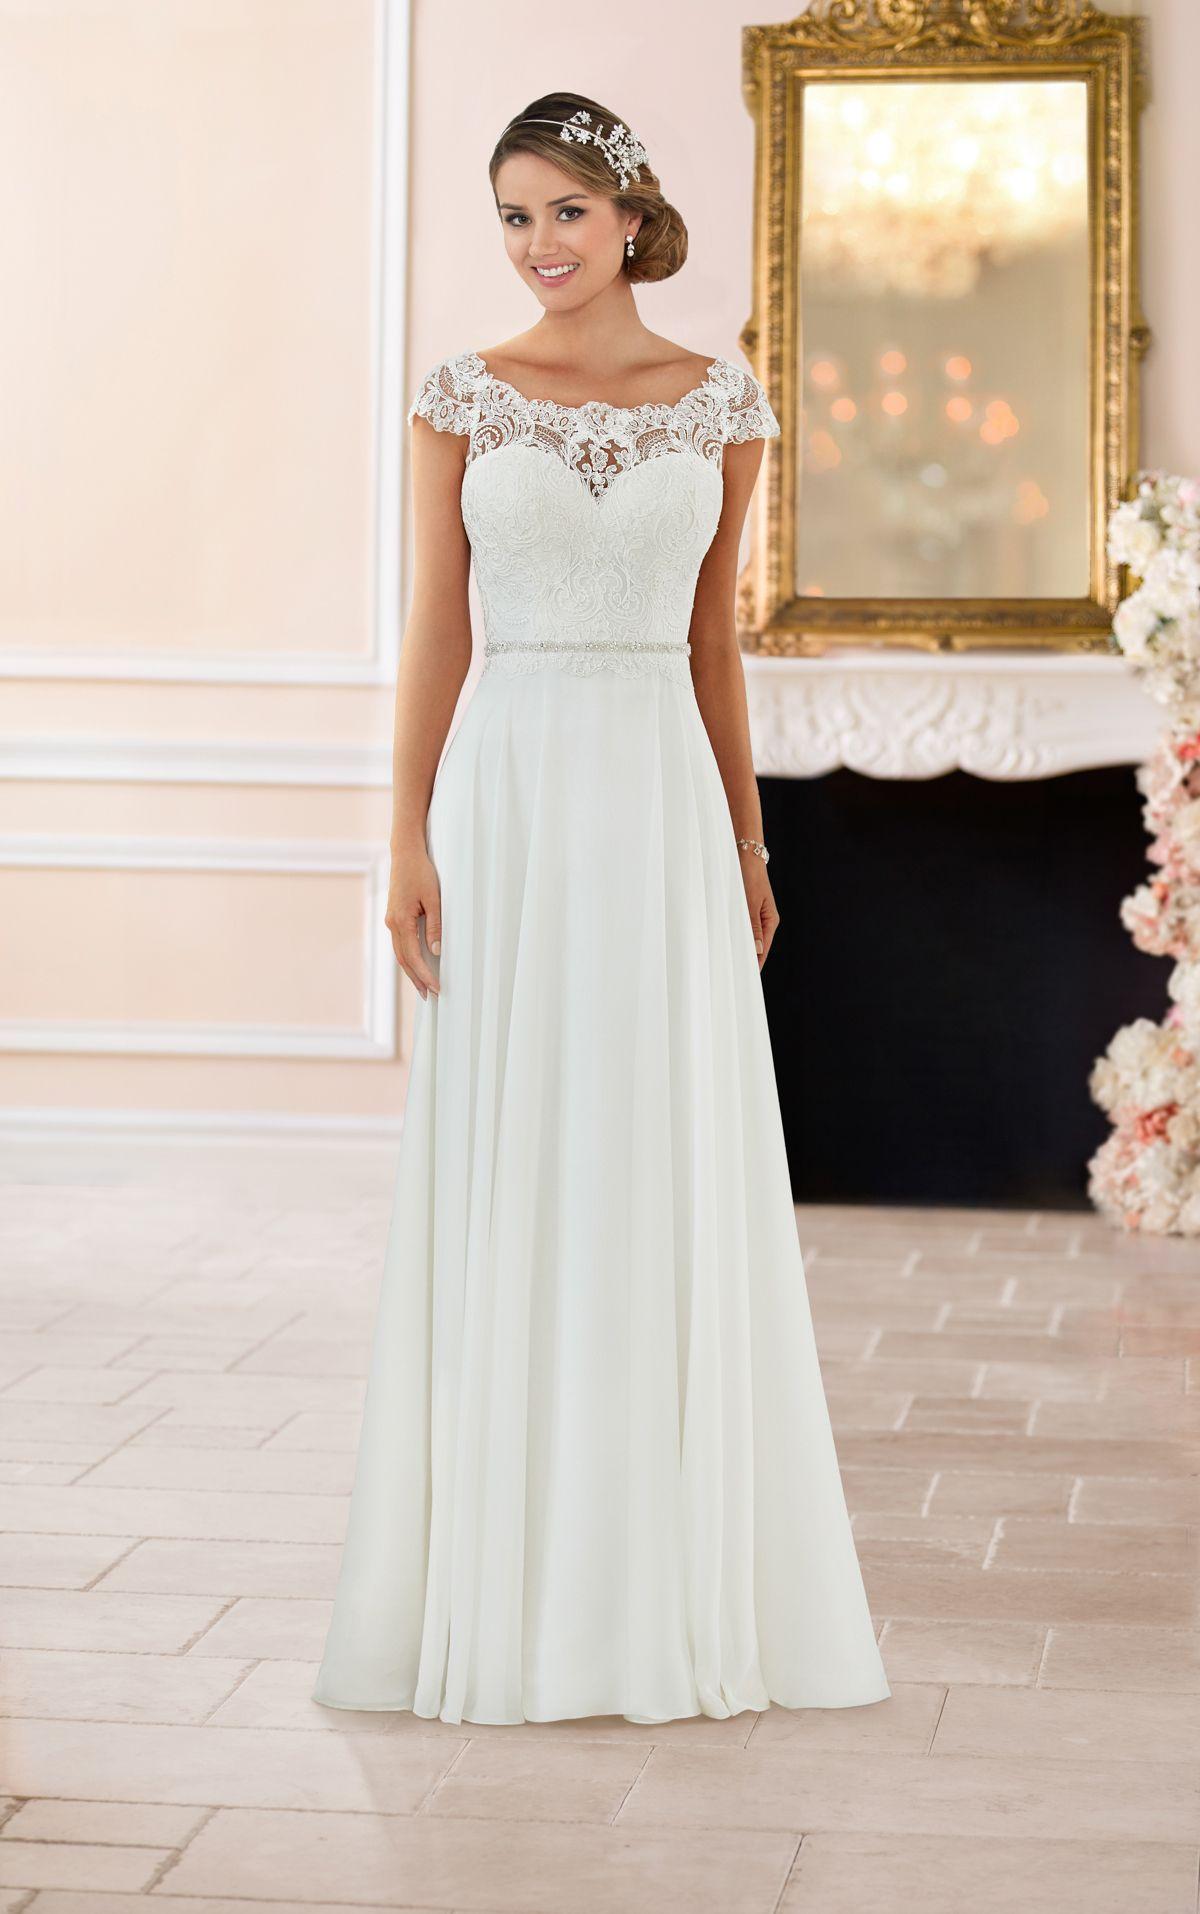 Brautkleid Mit Cap-Ärmeln Und Rücken Aus Spitze | Stella York